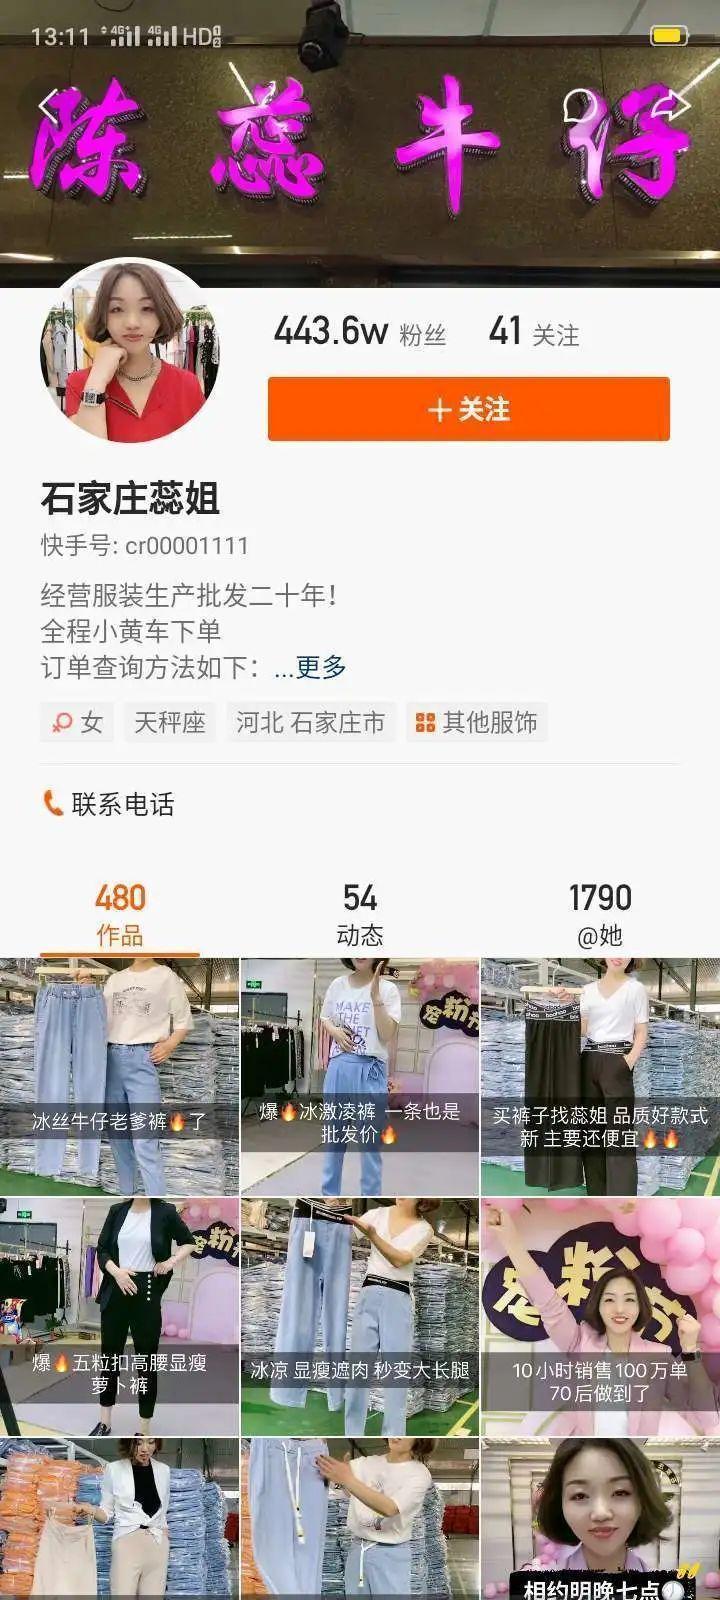 你和月入过亿,只差一个快手商家号的距离-第3张图片-周小辉<a href='http://www.zhouxiaohui.cn/duanshipin/'>短视频</a>培训博客